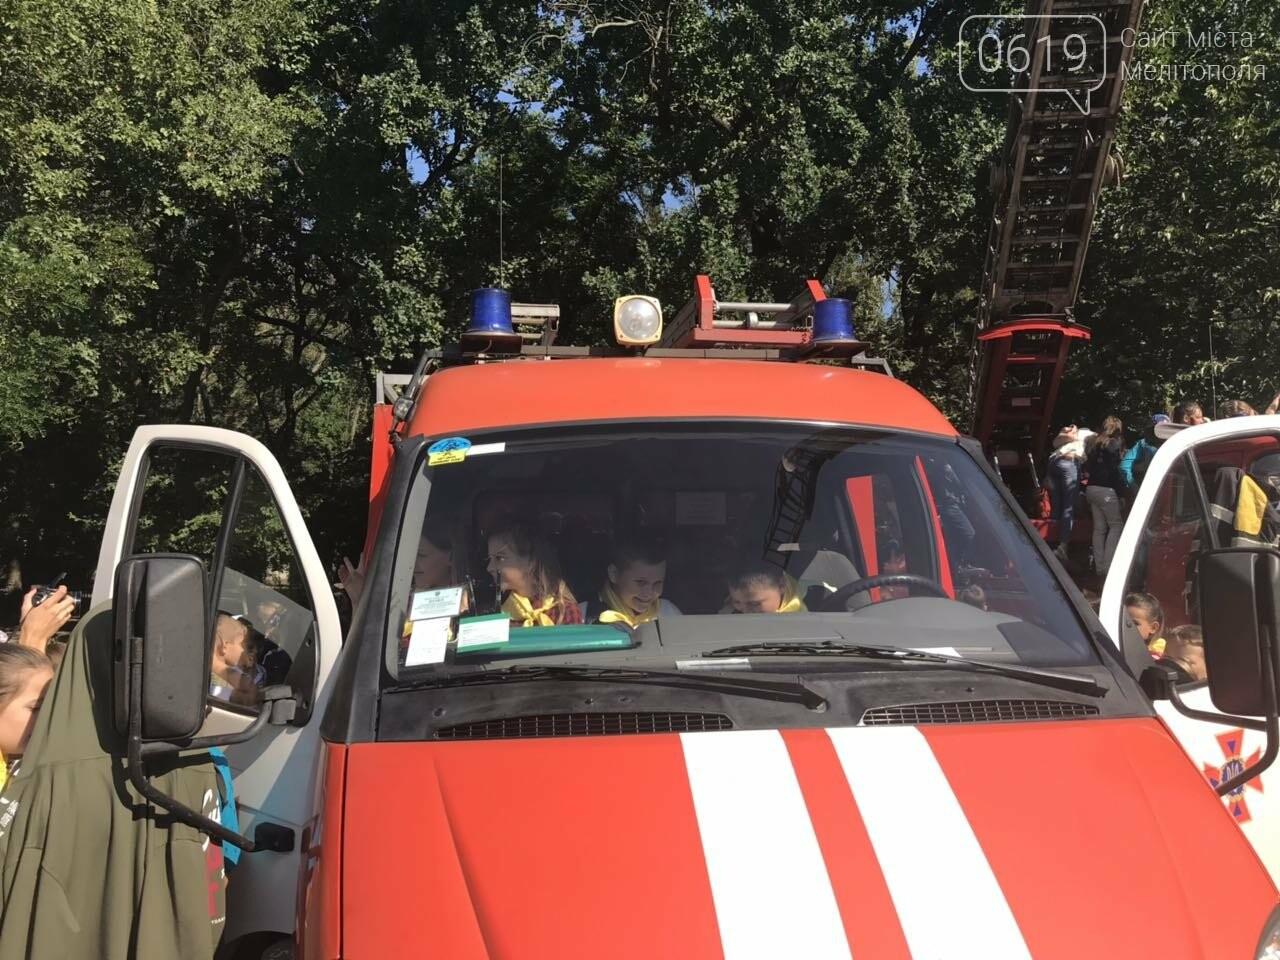 Мелитопольские спасатели провели масштабную акцию для детей, фото-5